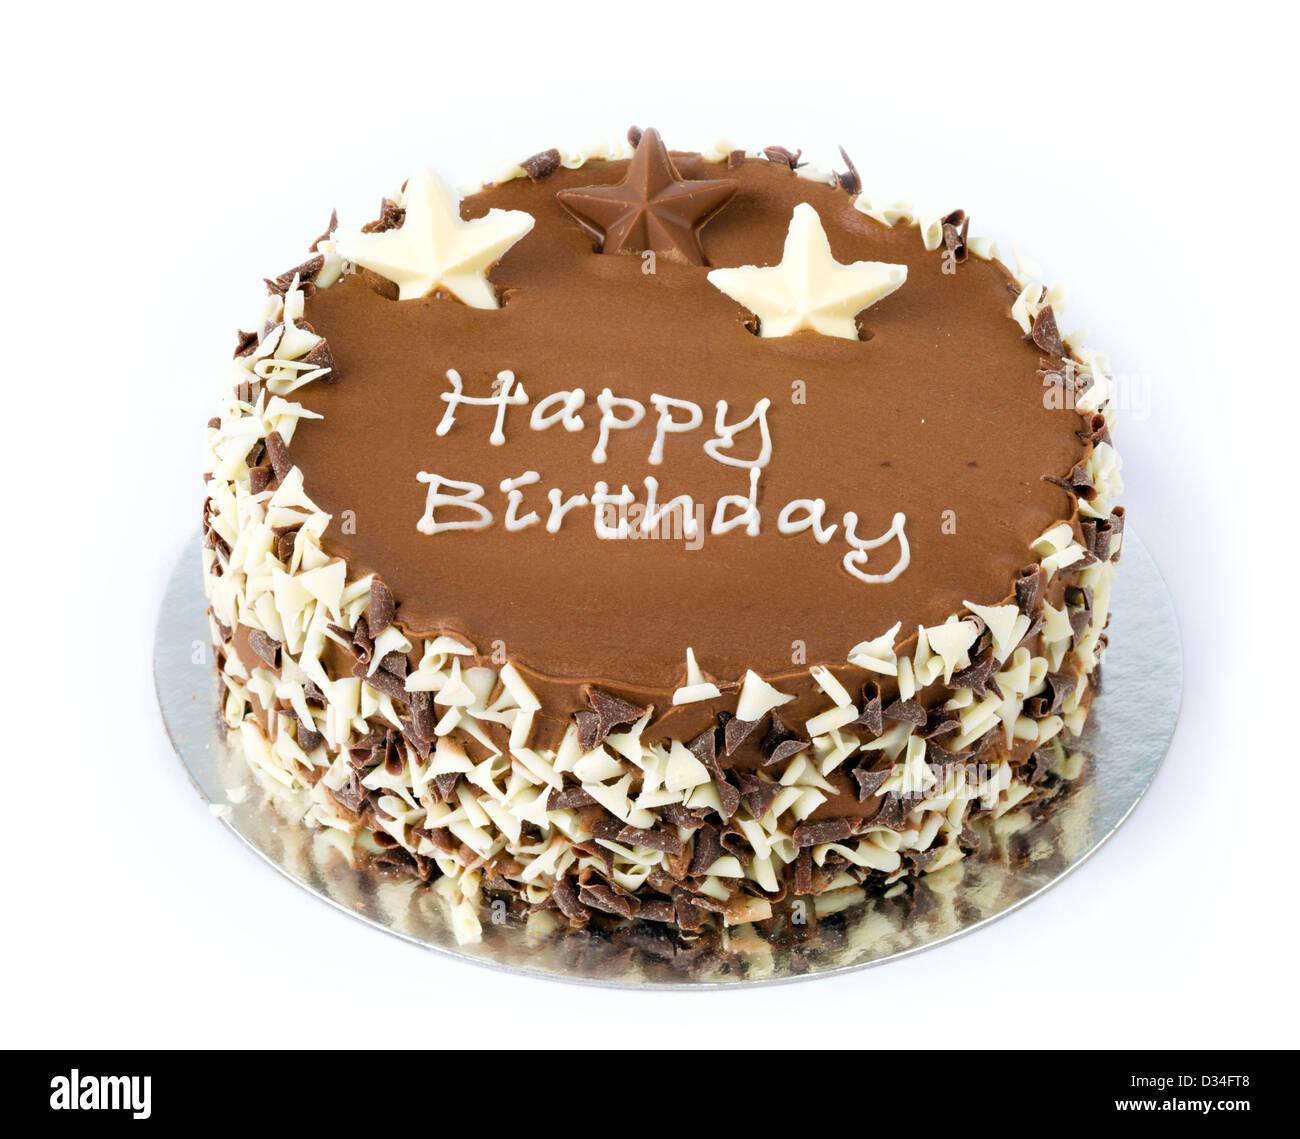 Chocolate Birthday Cake Stock Photo 53575320